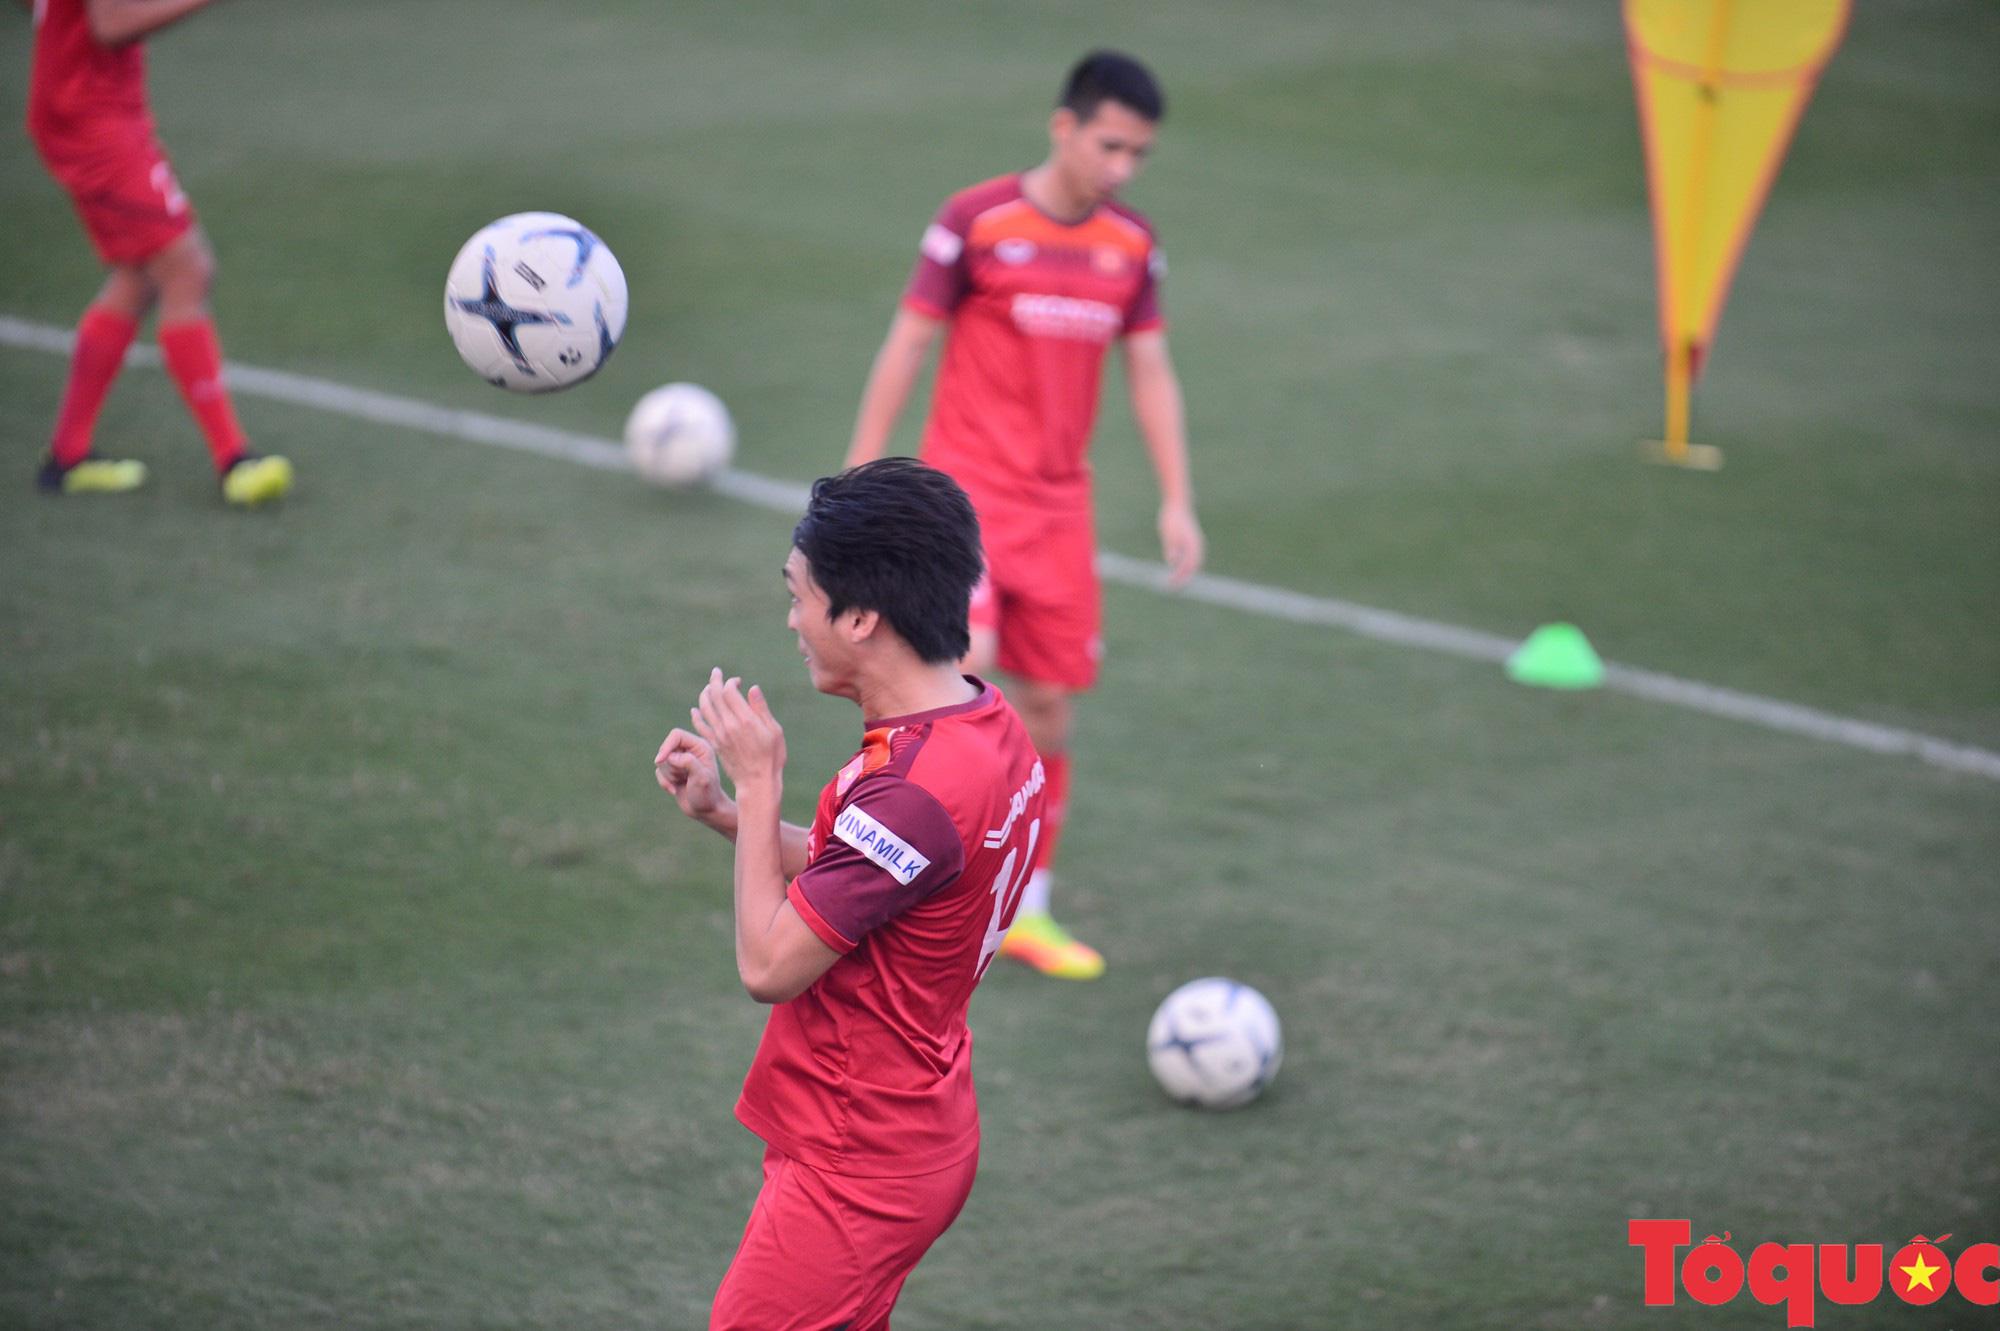 """HLV Park Hang-seo """"chấn chỉnh"""" Bùi Tiến Dũng, chăm sóc vết thương của Thành Chung - Ảnh 10."""